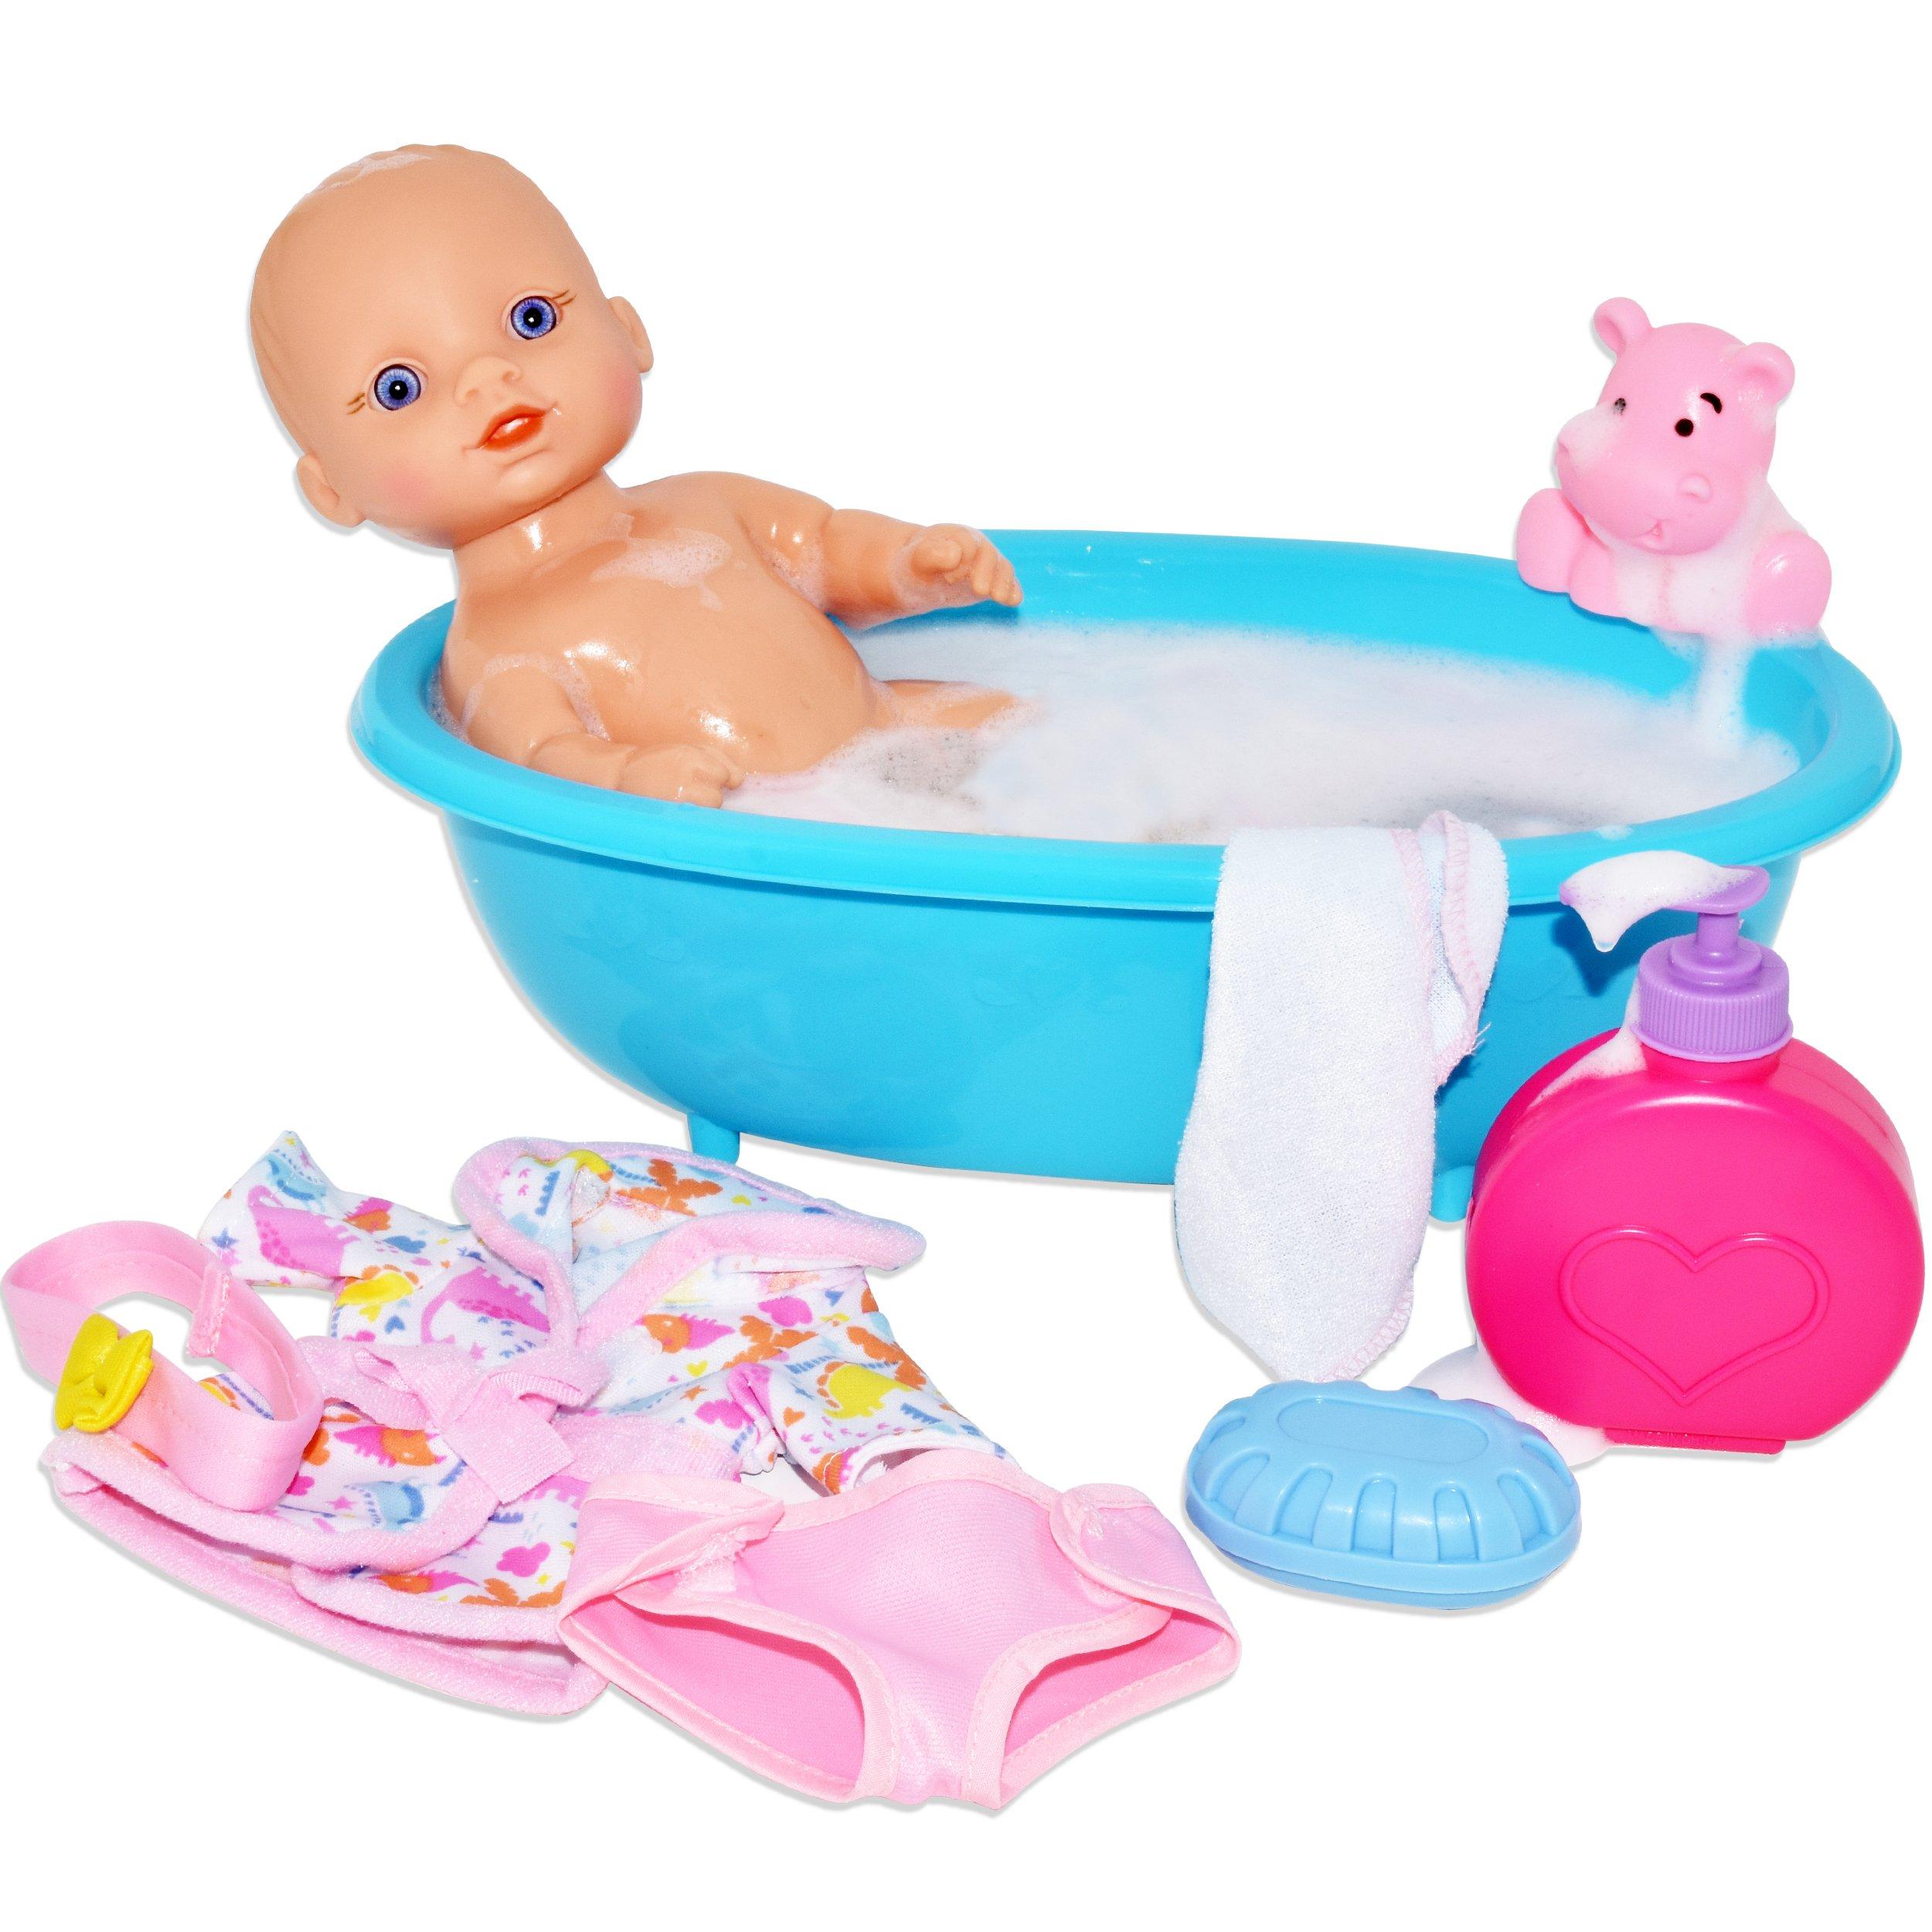 Baby Doll Bathtub Set Featuring 10 Inch All Vinyl Doll, Blue Bath ...